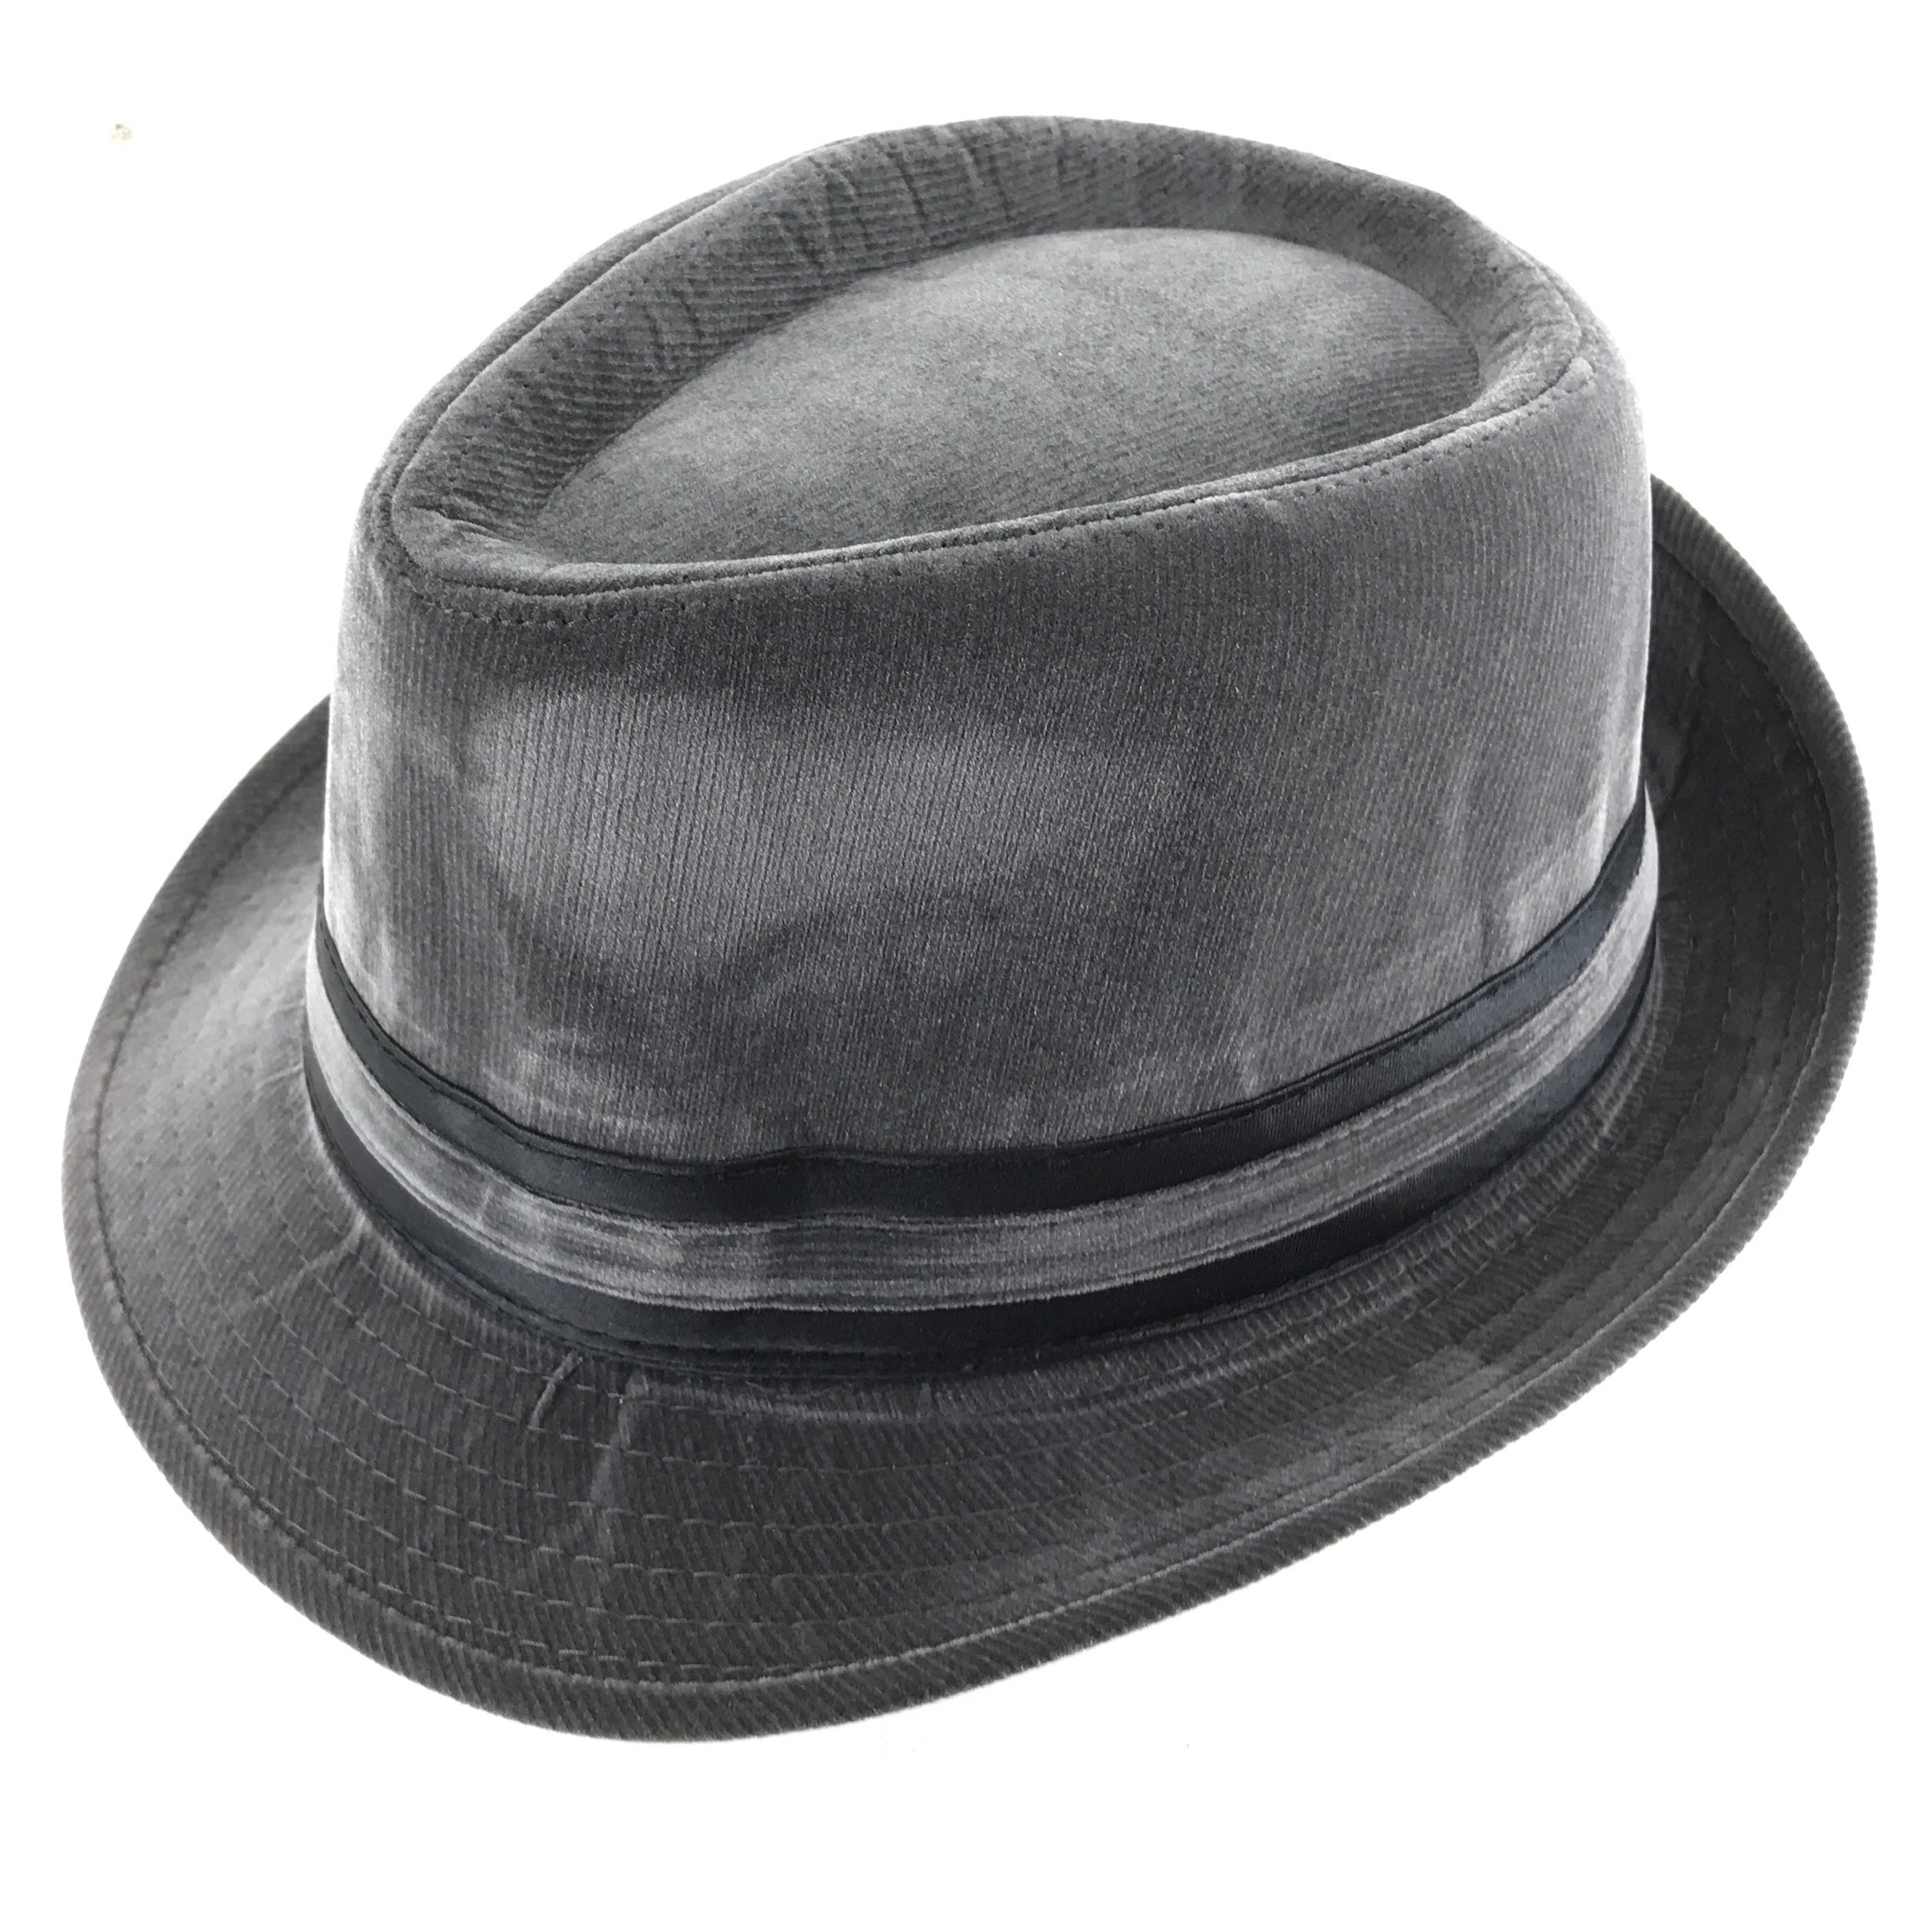 a095935644f Faddism Cuban Style Short Brim Fedora Suede Hat